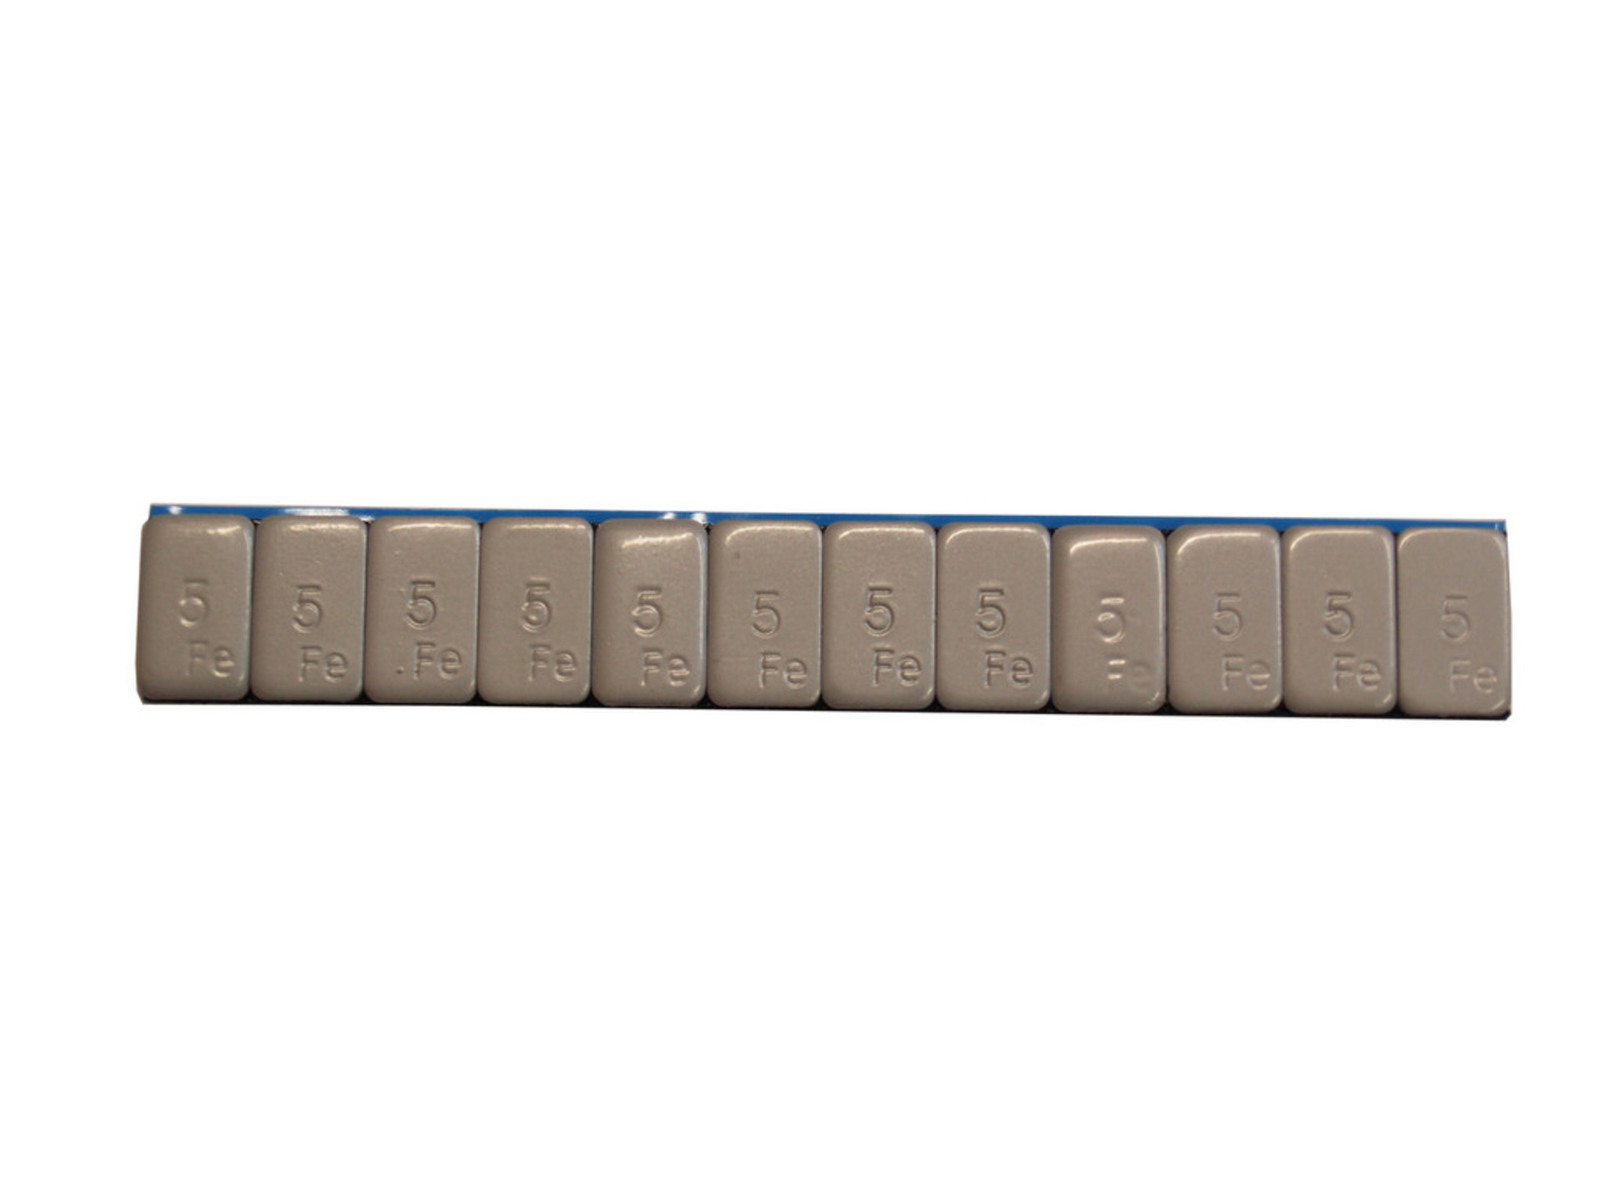 Závaží samolepicí ocelové 5 g, 100 pásek x 12 ks, šedé